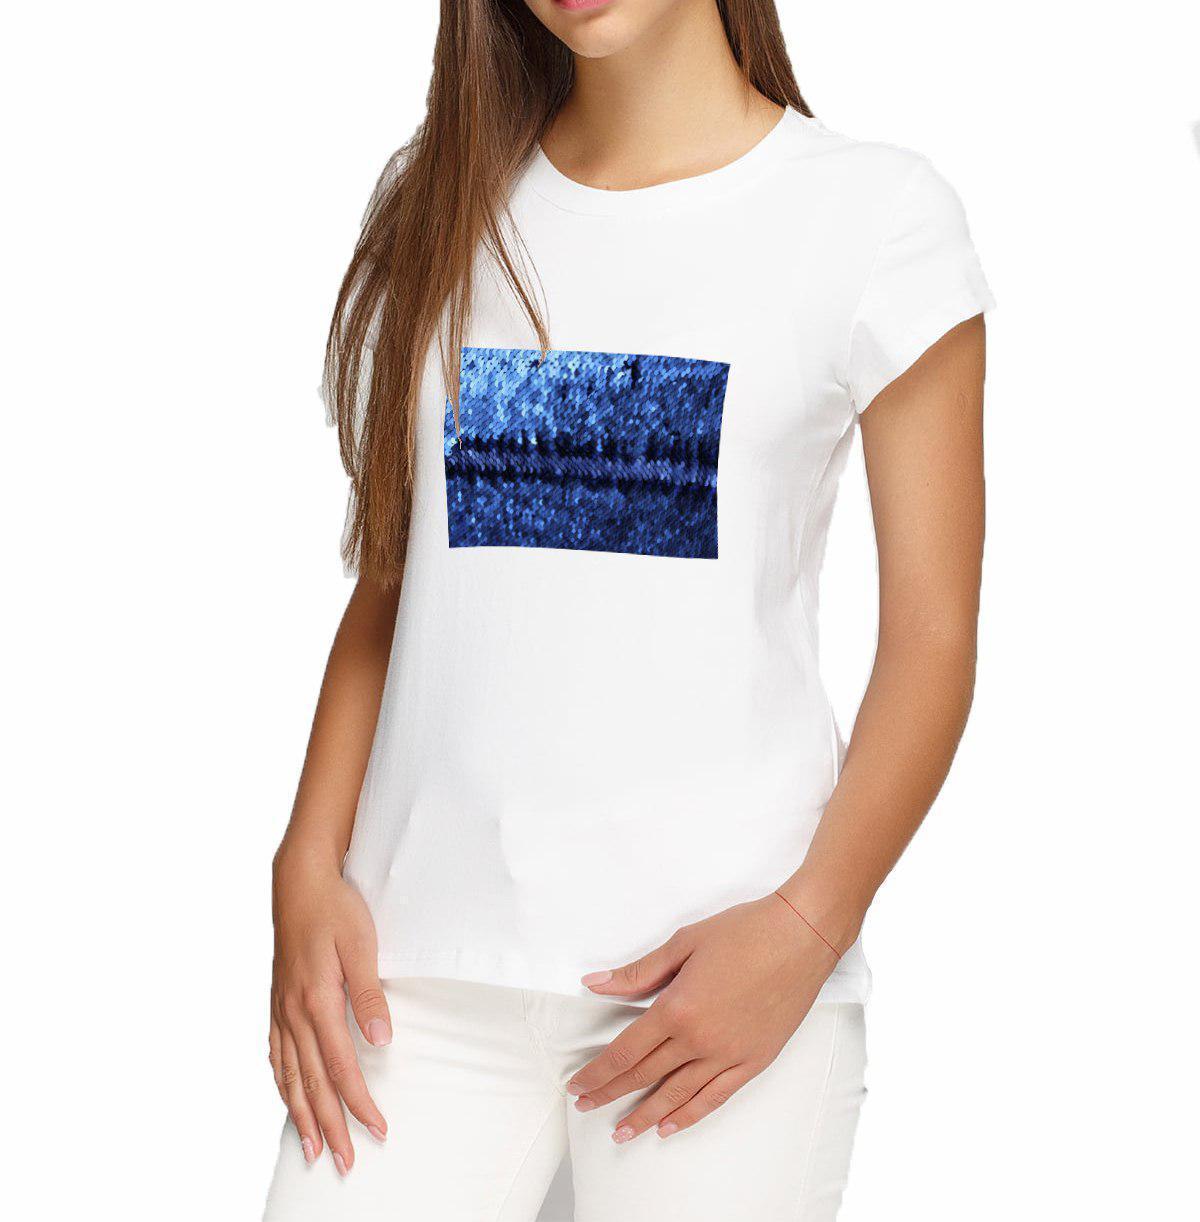 Жіноча футболка L з паєтками кол. СИНІЙ для сублімації